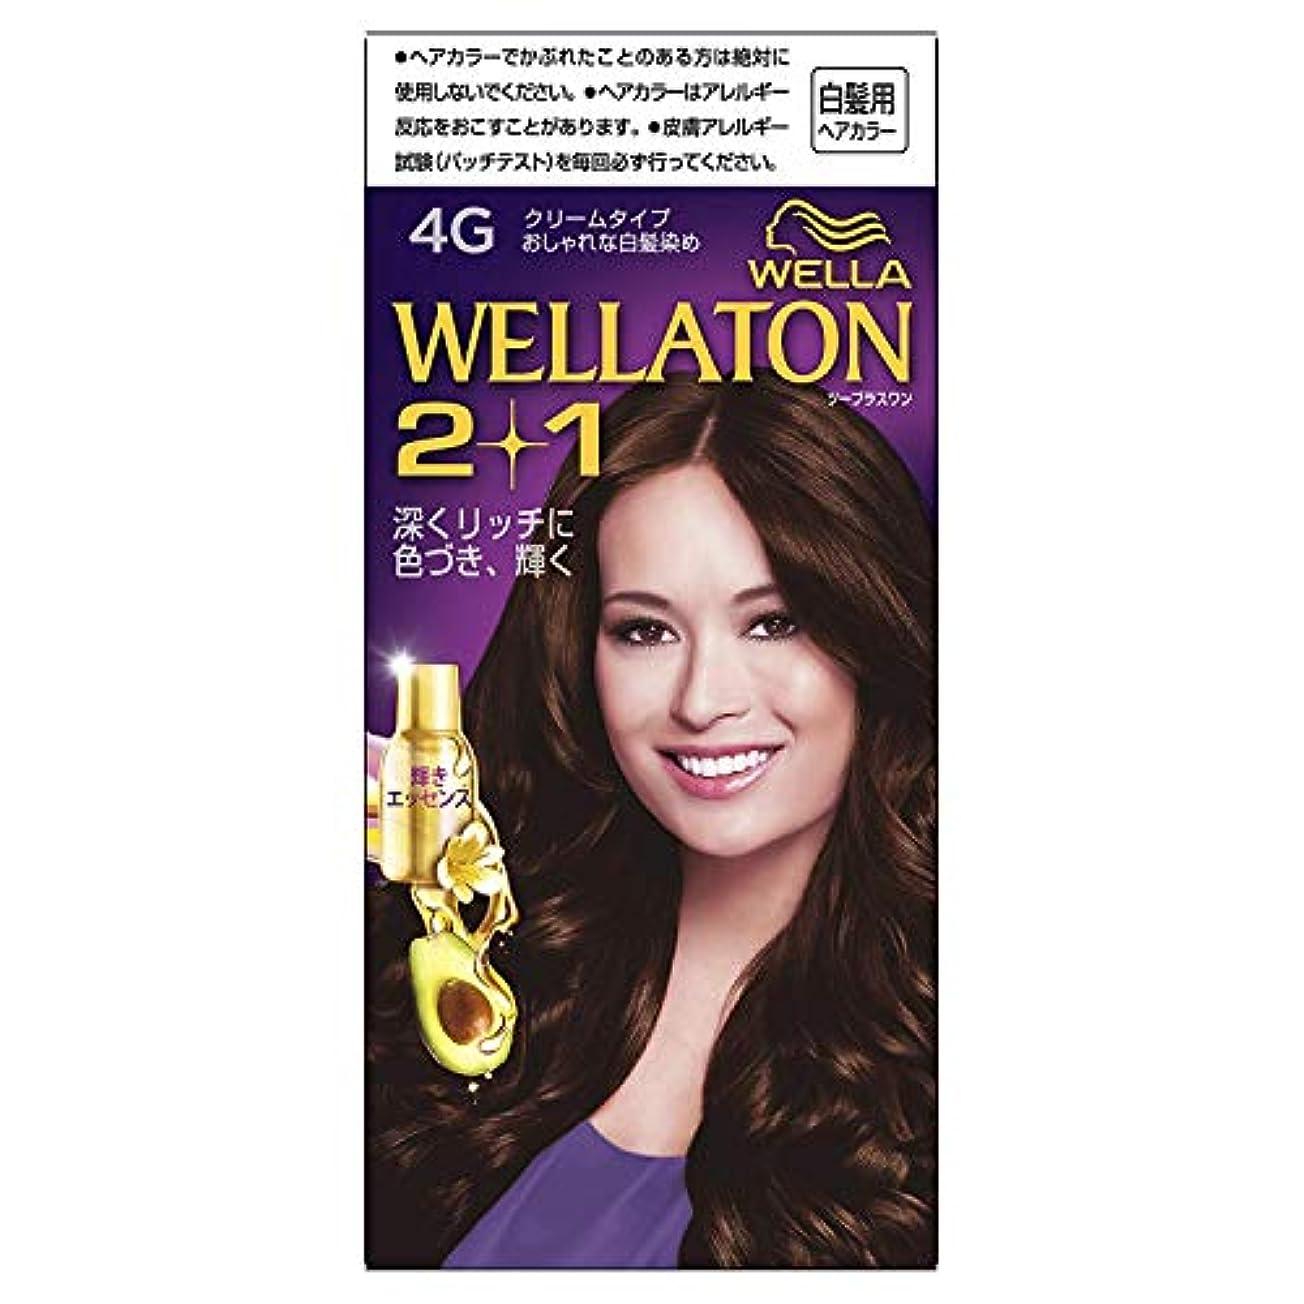 連合王族スタジオウエラトーン2+1 白髪染め クリームタイプ 4G×6個